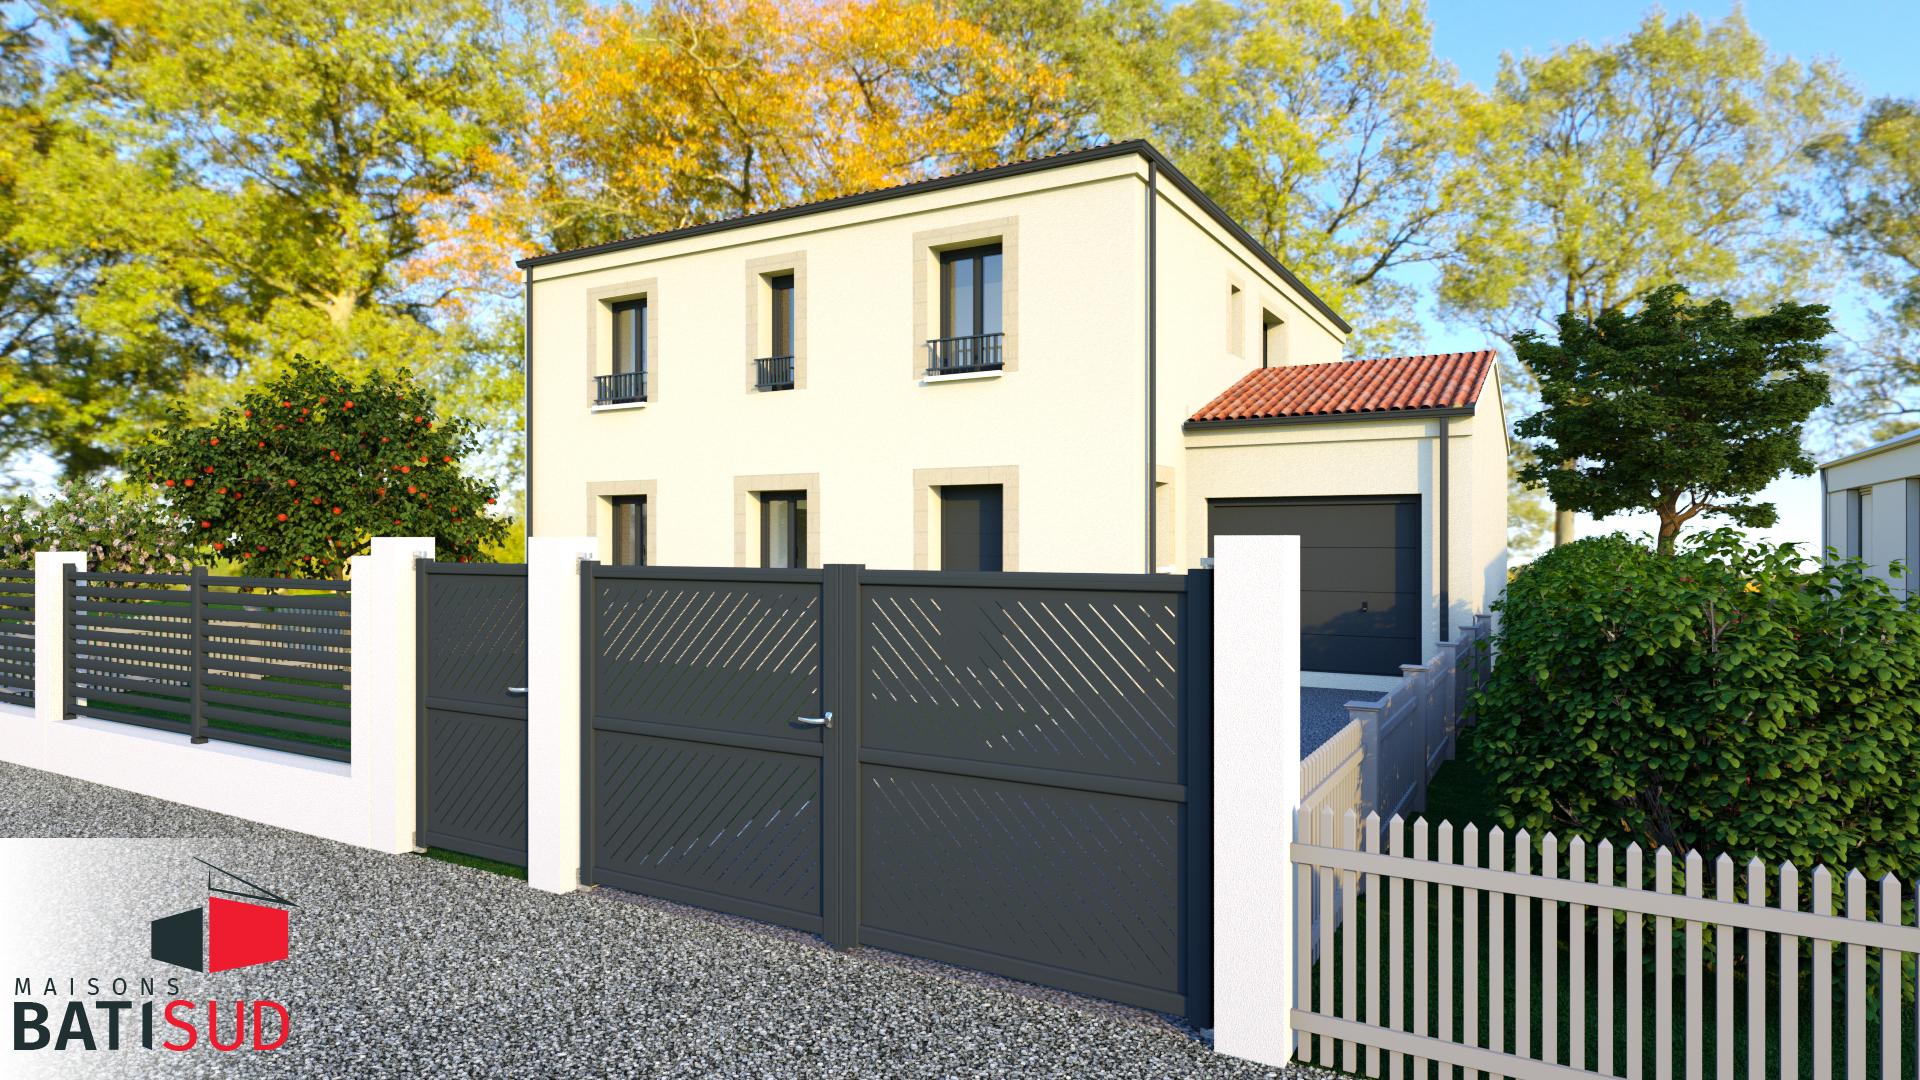 Maisons Bati Sud : Très belle maison de 185m² avec 6 chambres au Bouscat - Vue façade extérieure avec garage